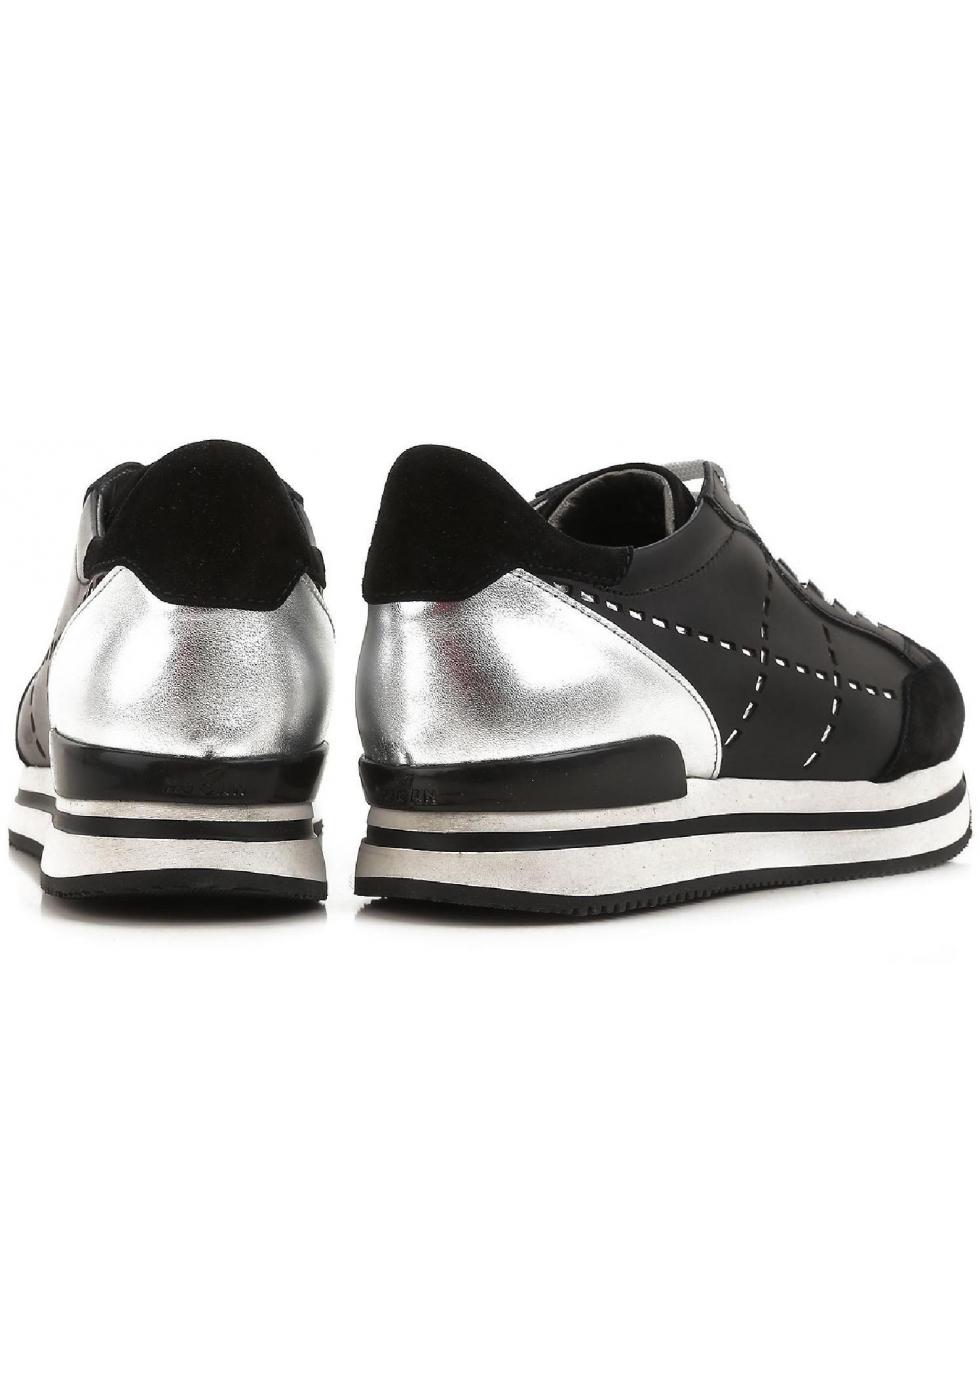 87cb0ec584c36d ... Hogan Damen Sneakers aus schwarzem Leder und silbernem Metallic hinten  mit hoher Gummisohle ...